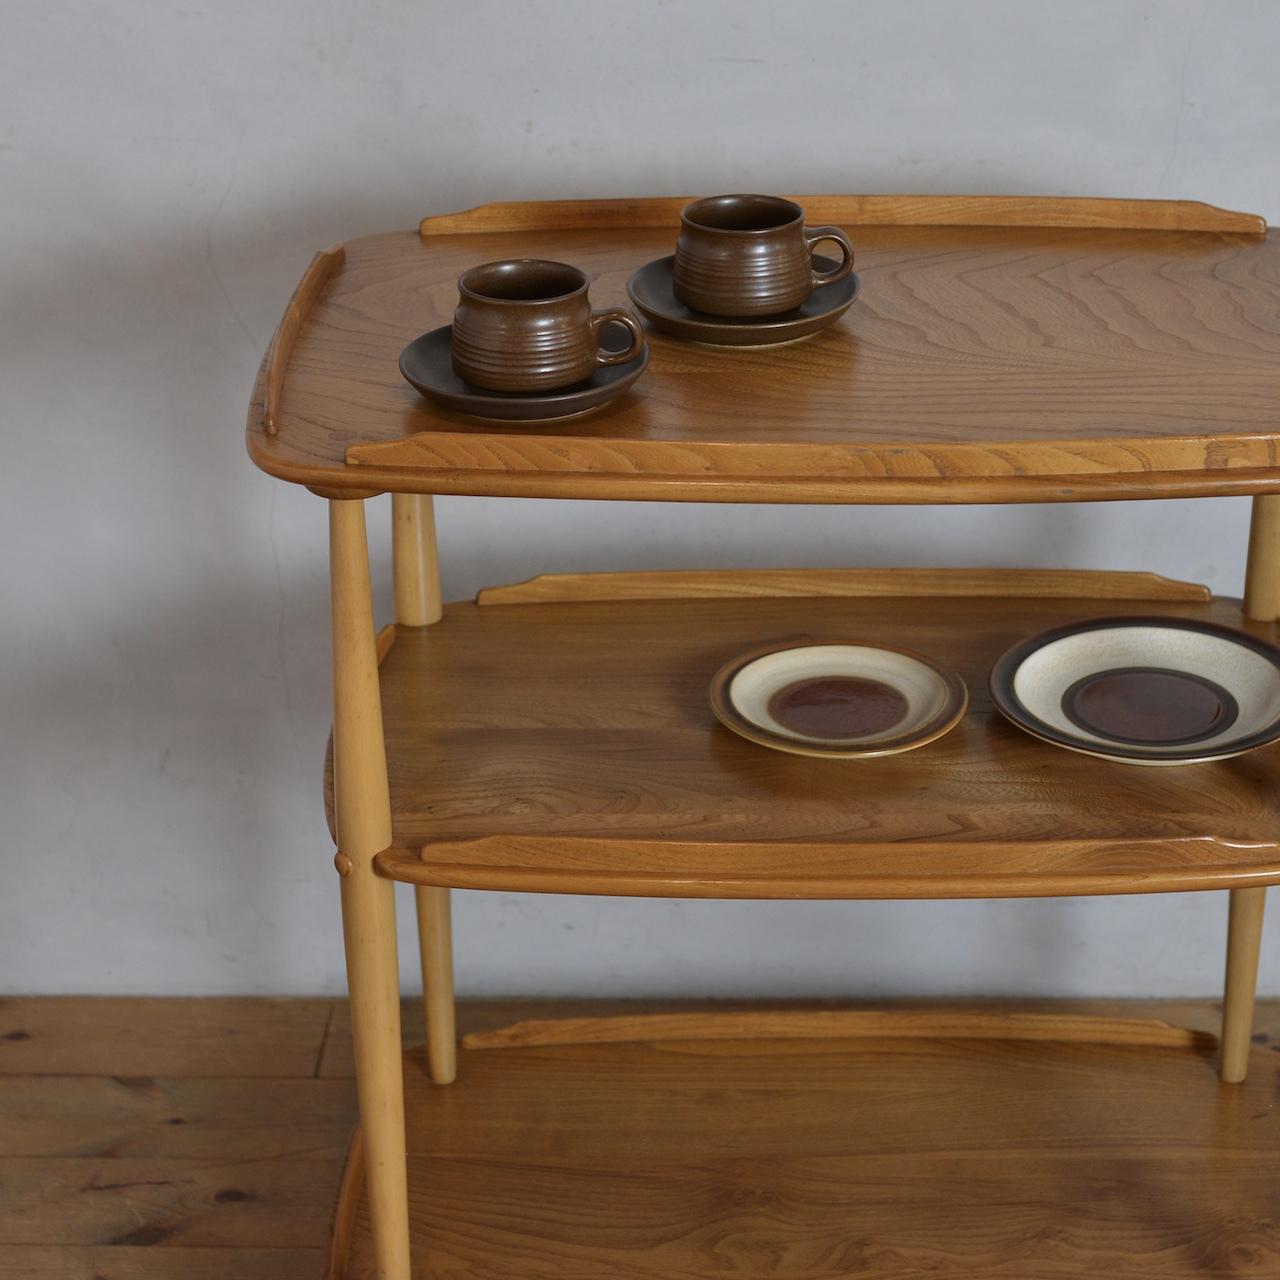 Ercol Trolley Wagon  / アーコール トロリー ワゴン 〈カフェ・テーブル・ティーテーブル・店舗什器〉